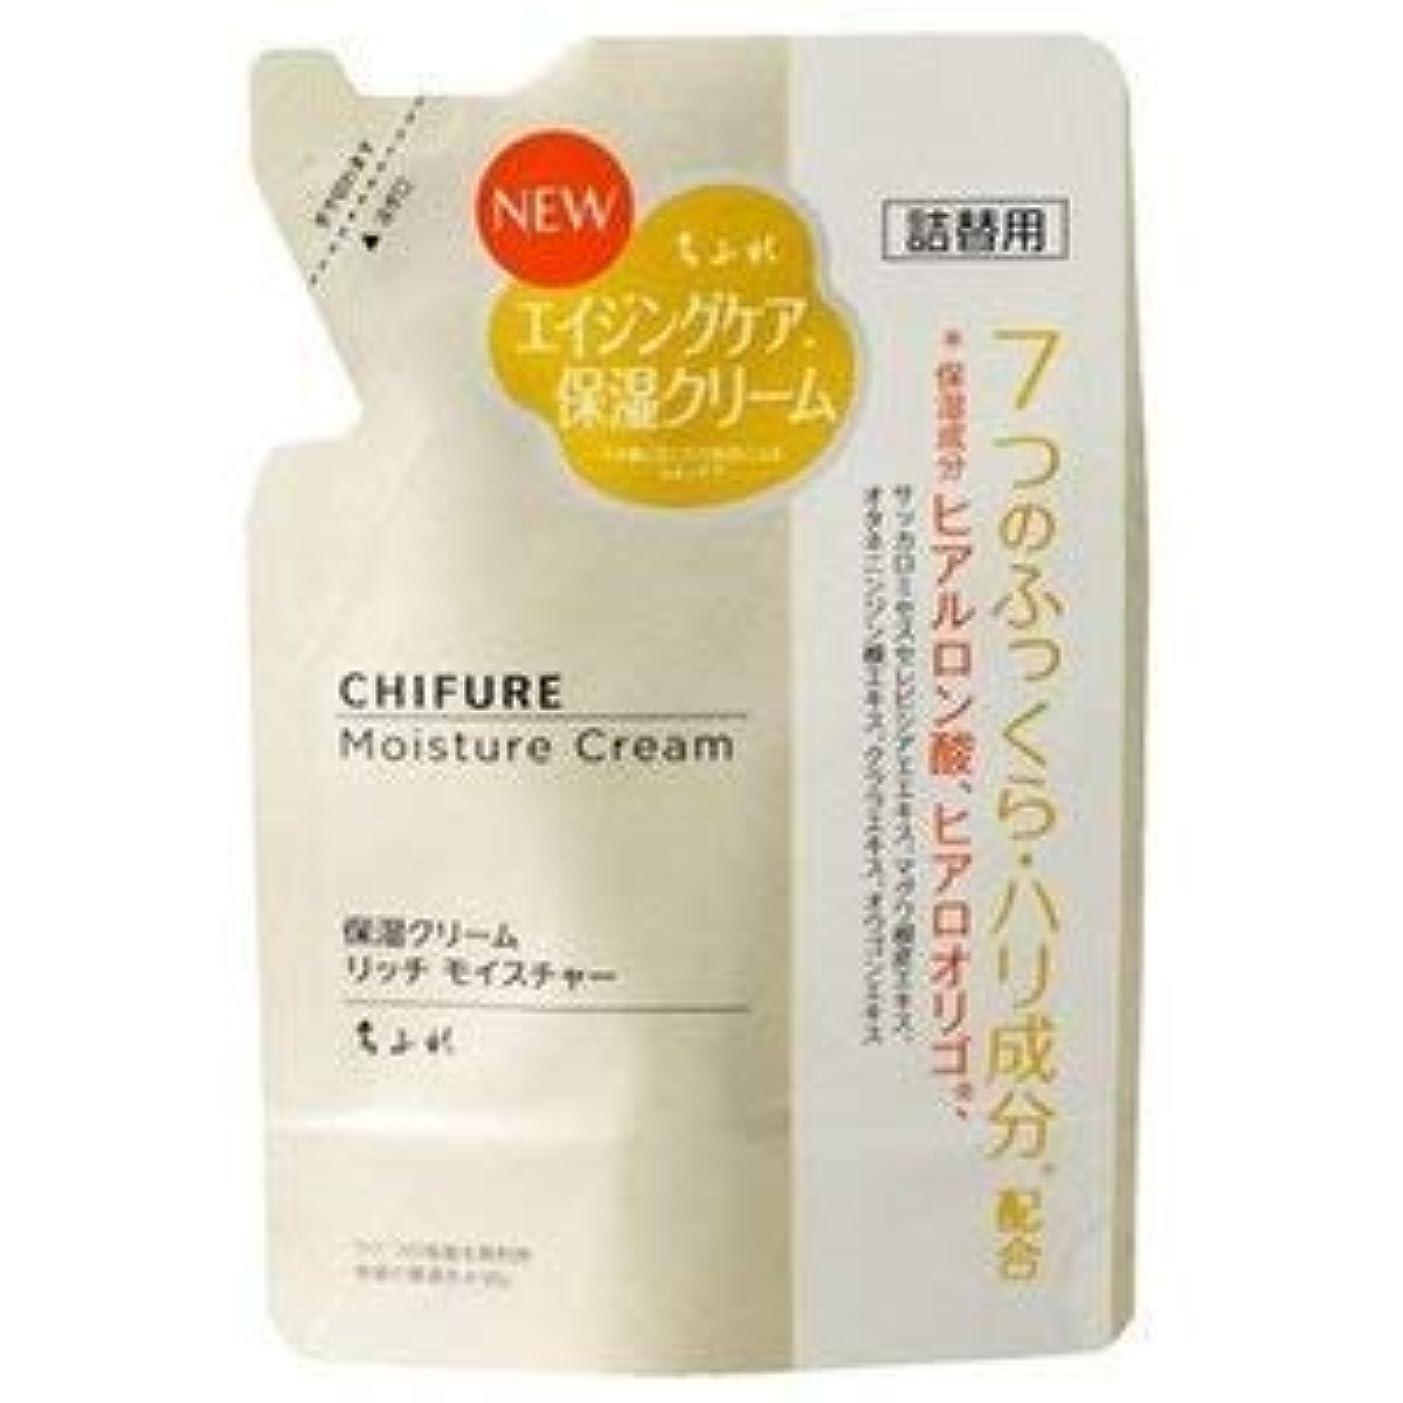 ループひもを通してちふれ化粧品 保湿クリーム リッチモイスチャータイプ 54g (詰替)